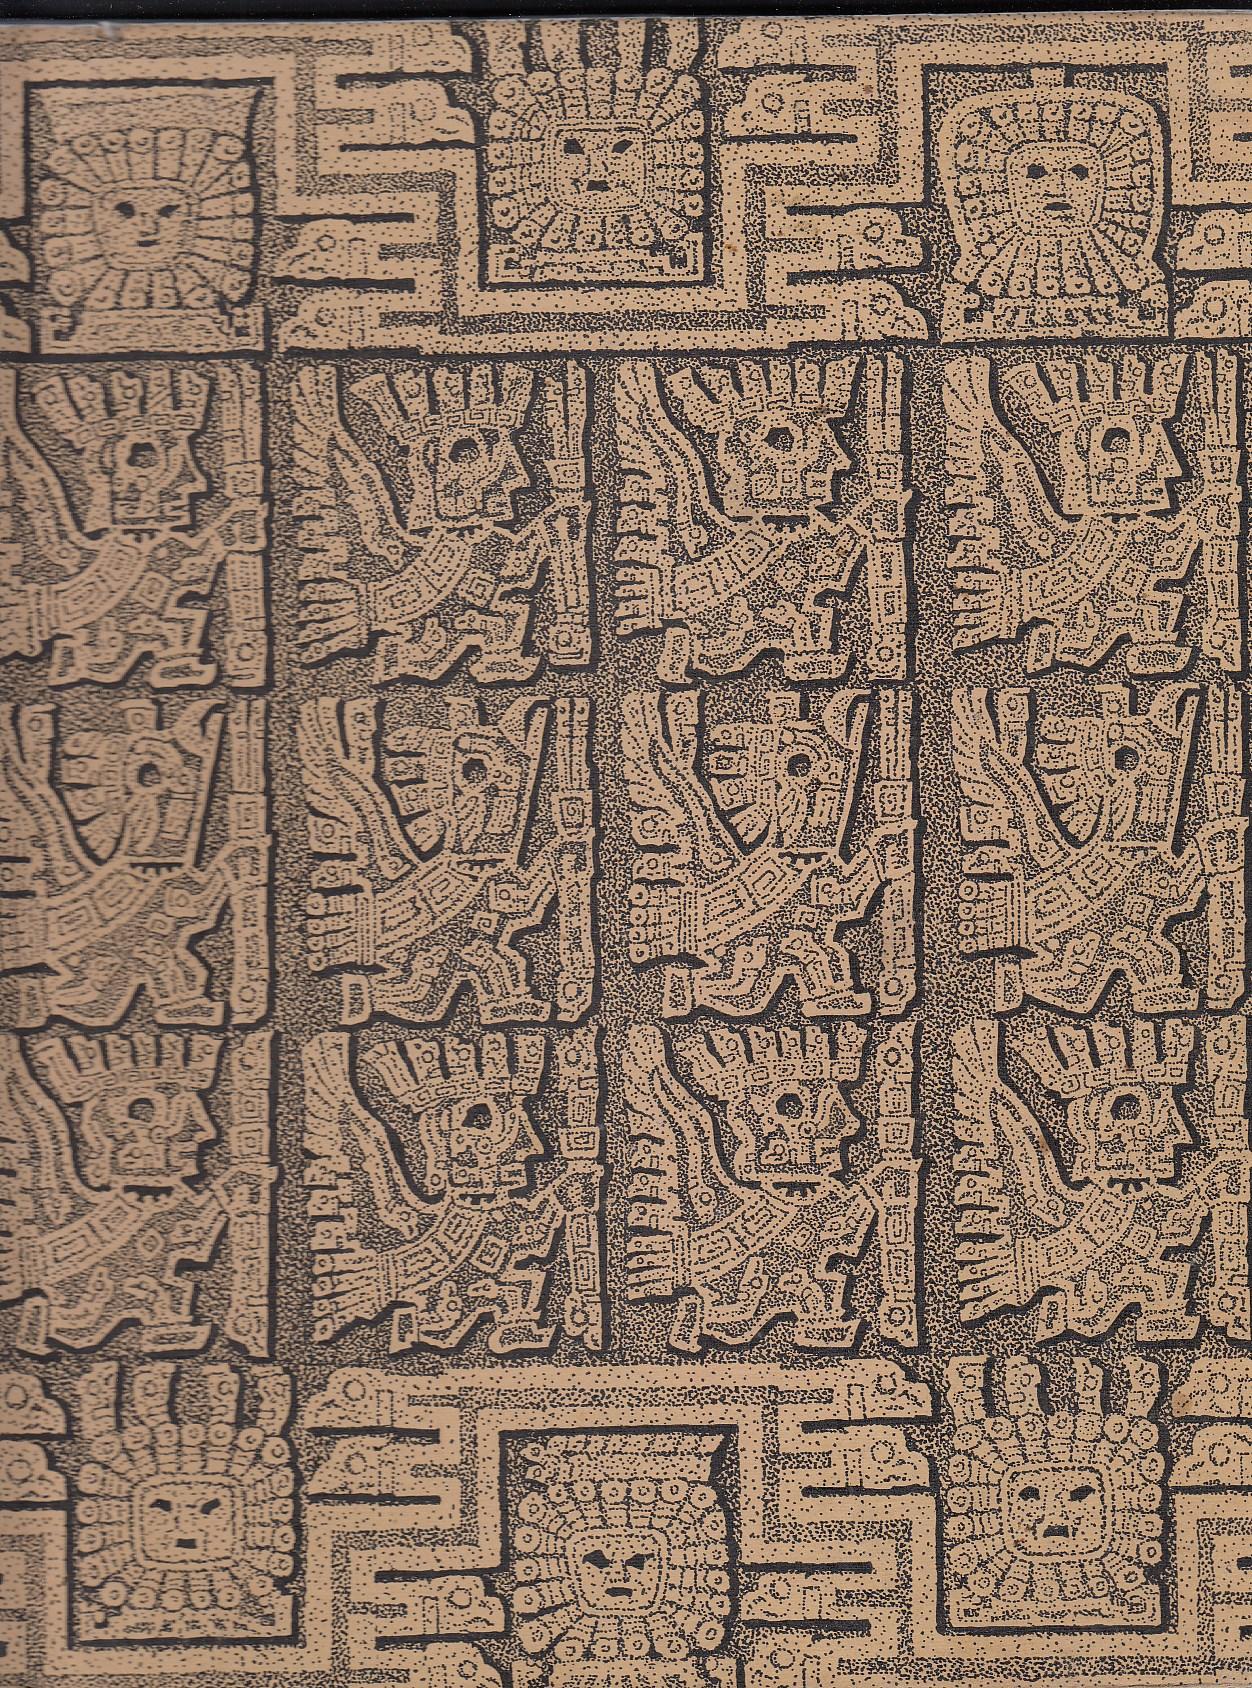 Reich der Inka. Textteil: Sprache und Kultur im älteren Peru. Bildteil: Keramik, Weberei und Monumentalbau.